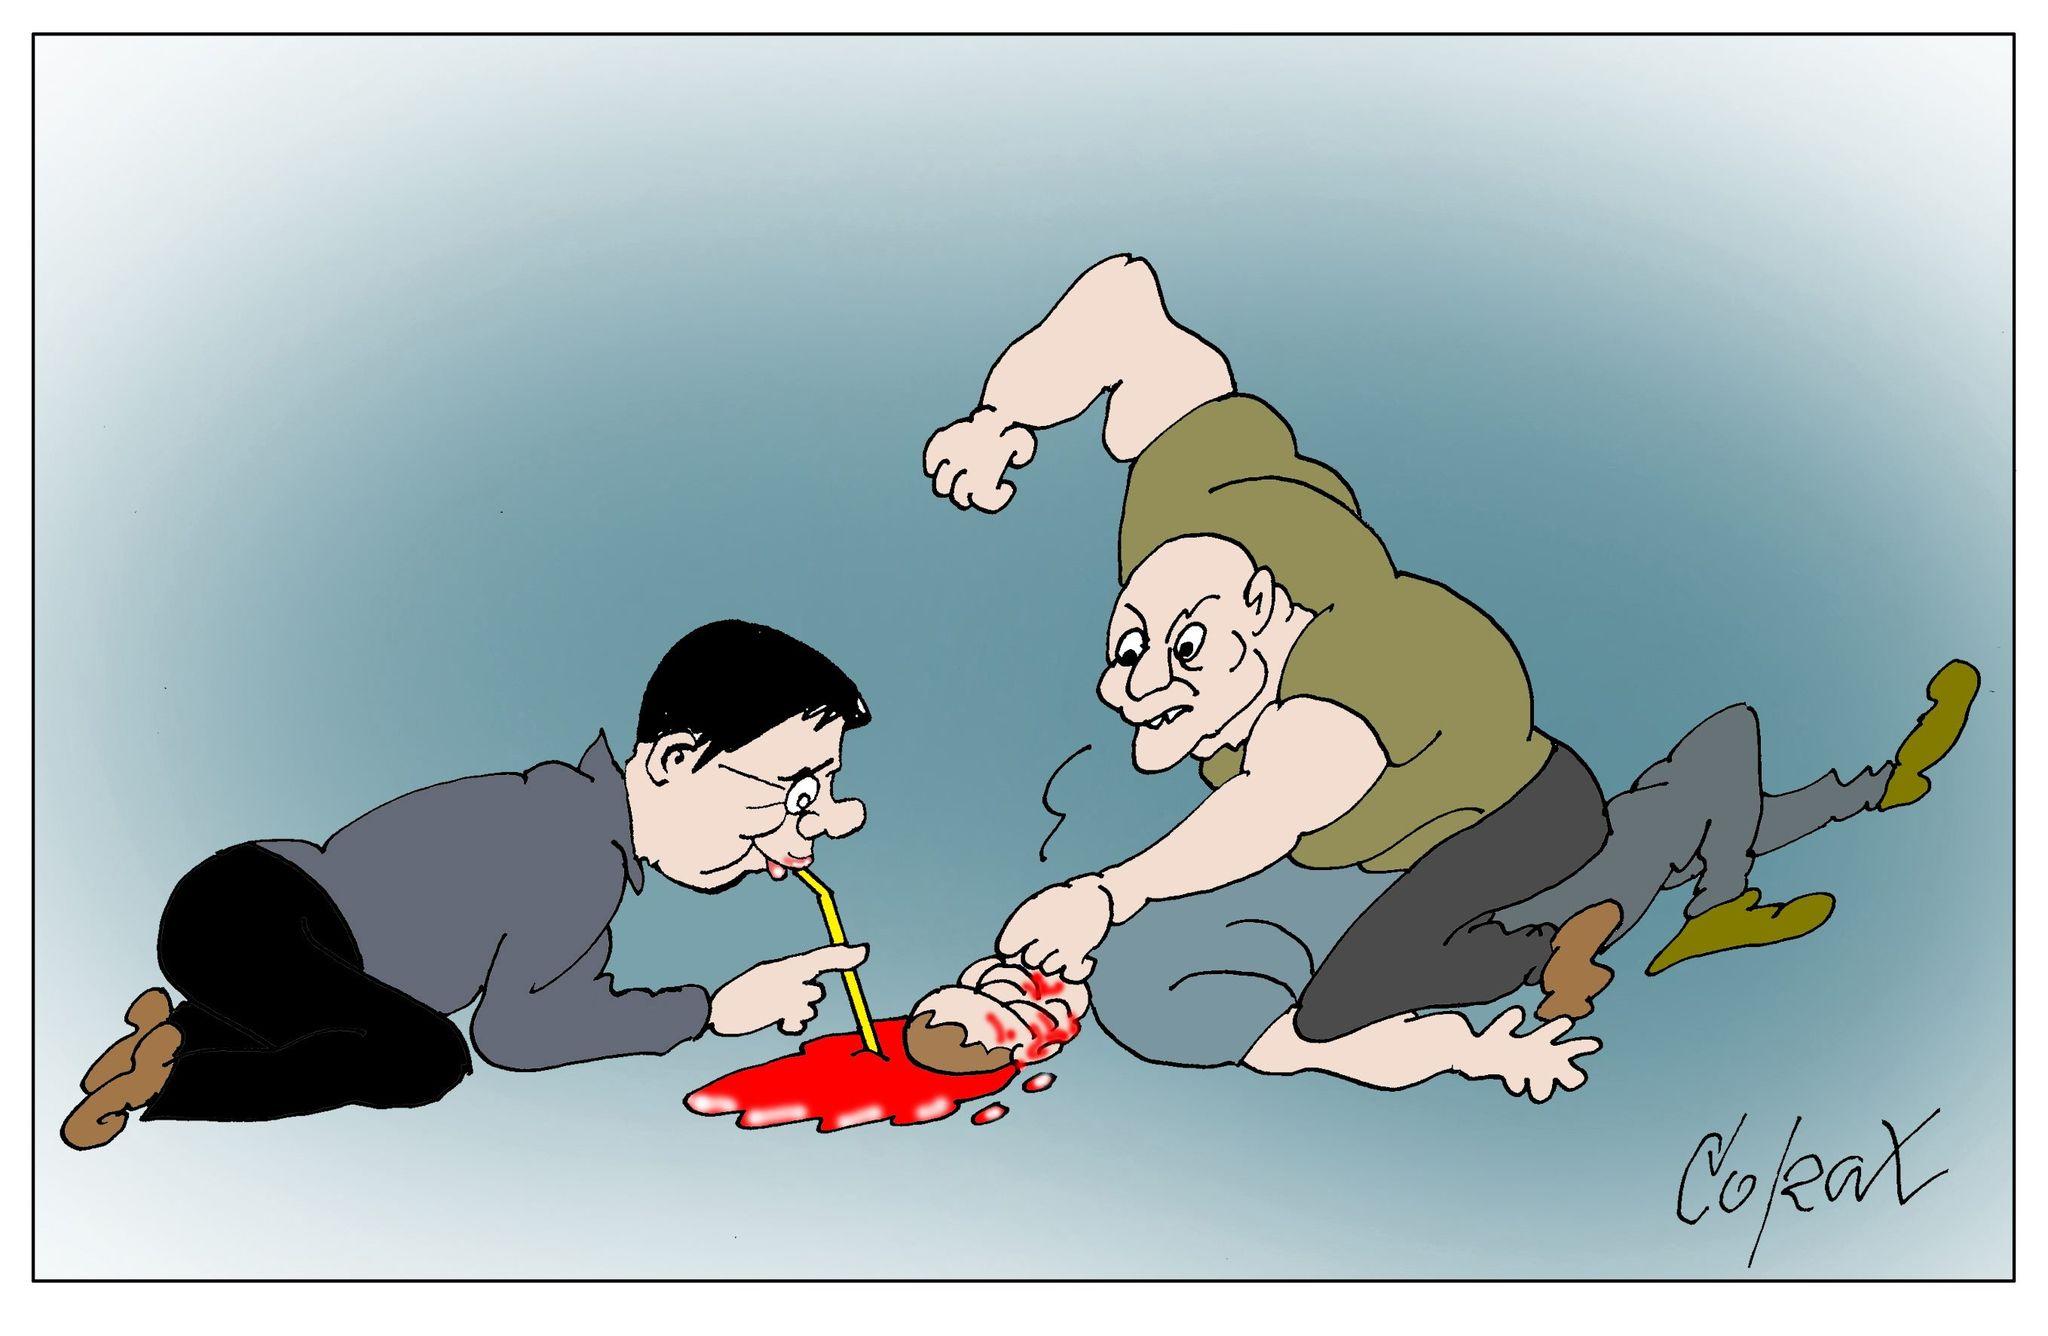 Koraks: Građani Srbije su robovi velikog zla - Vučićevog režima 3